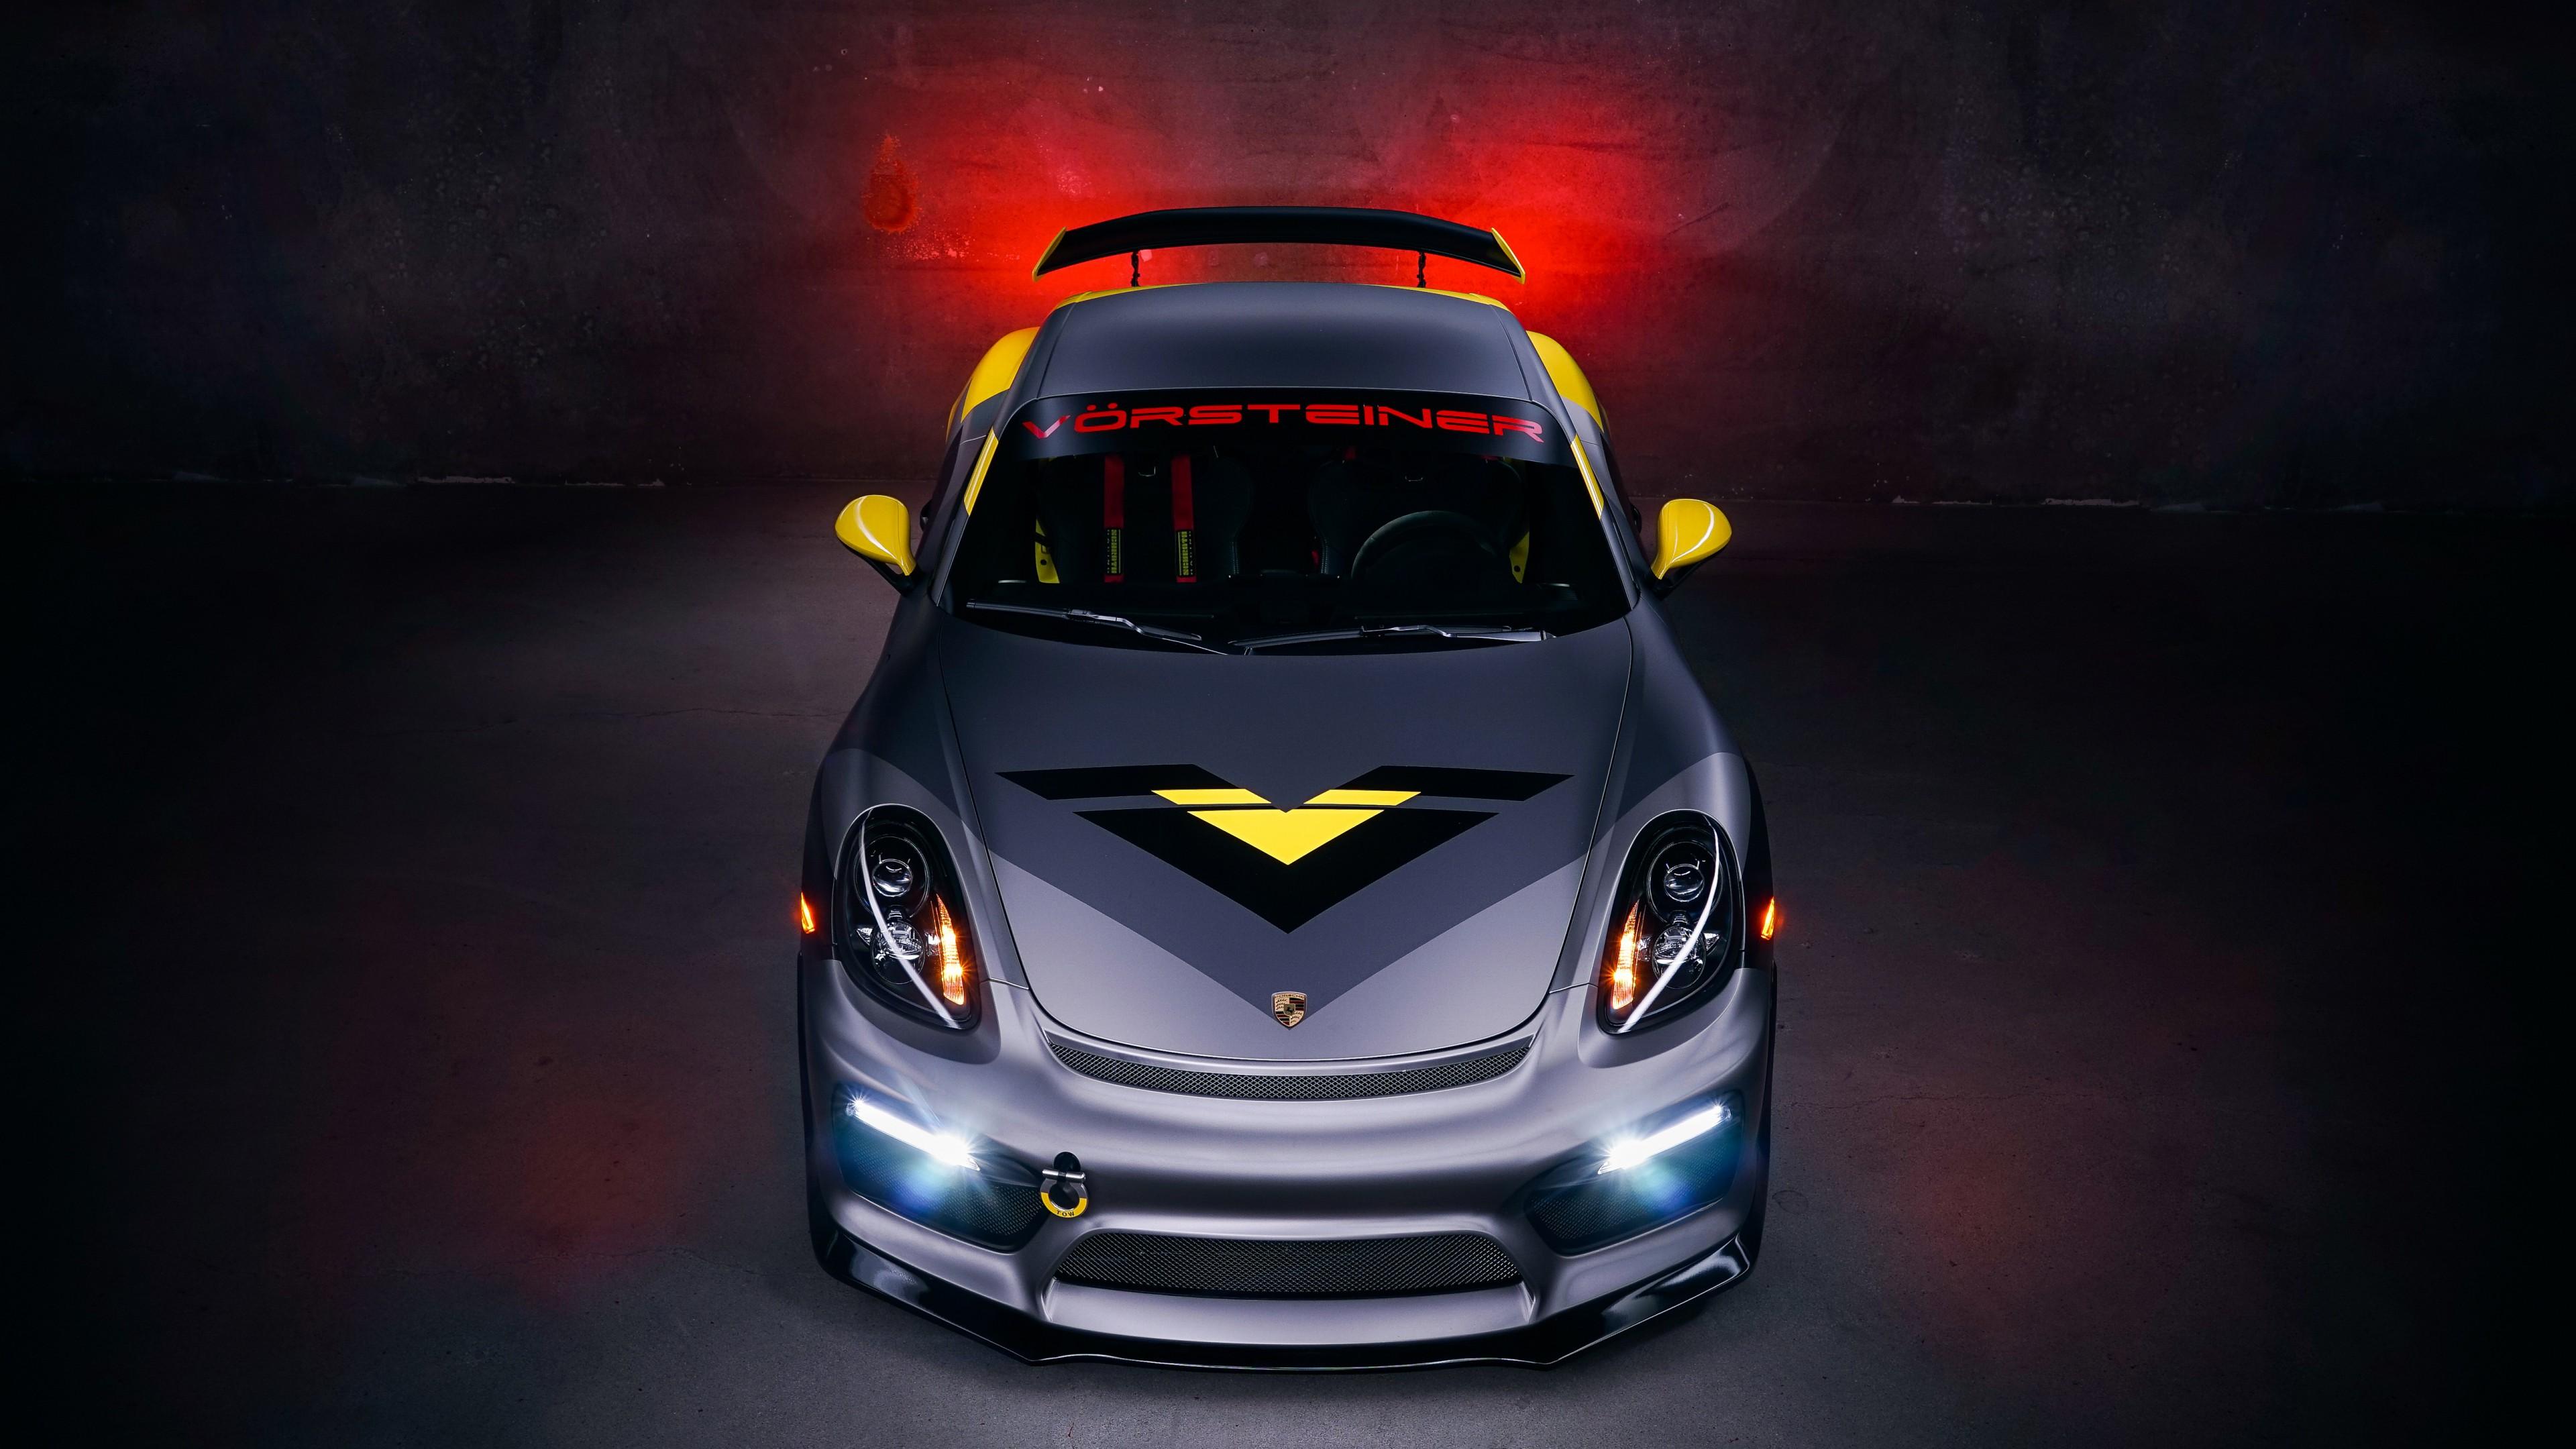 4k Car Wallpaper Koenigsegg Rs Porsche Gt4 Vorsteiner 4k 5k Wallpaper Hd Car Wallpapers